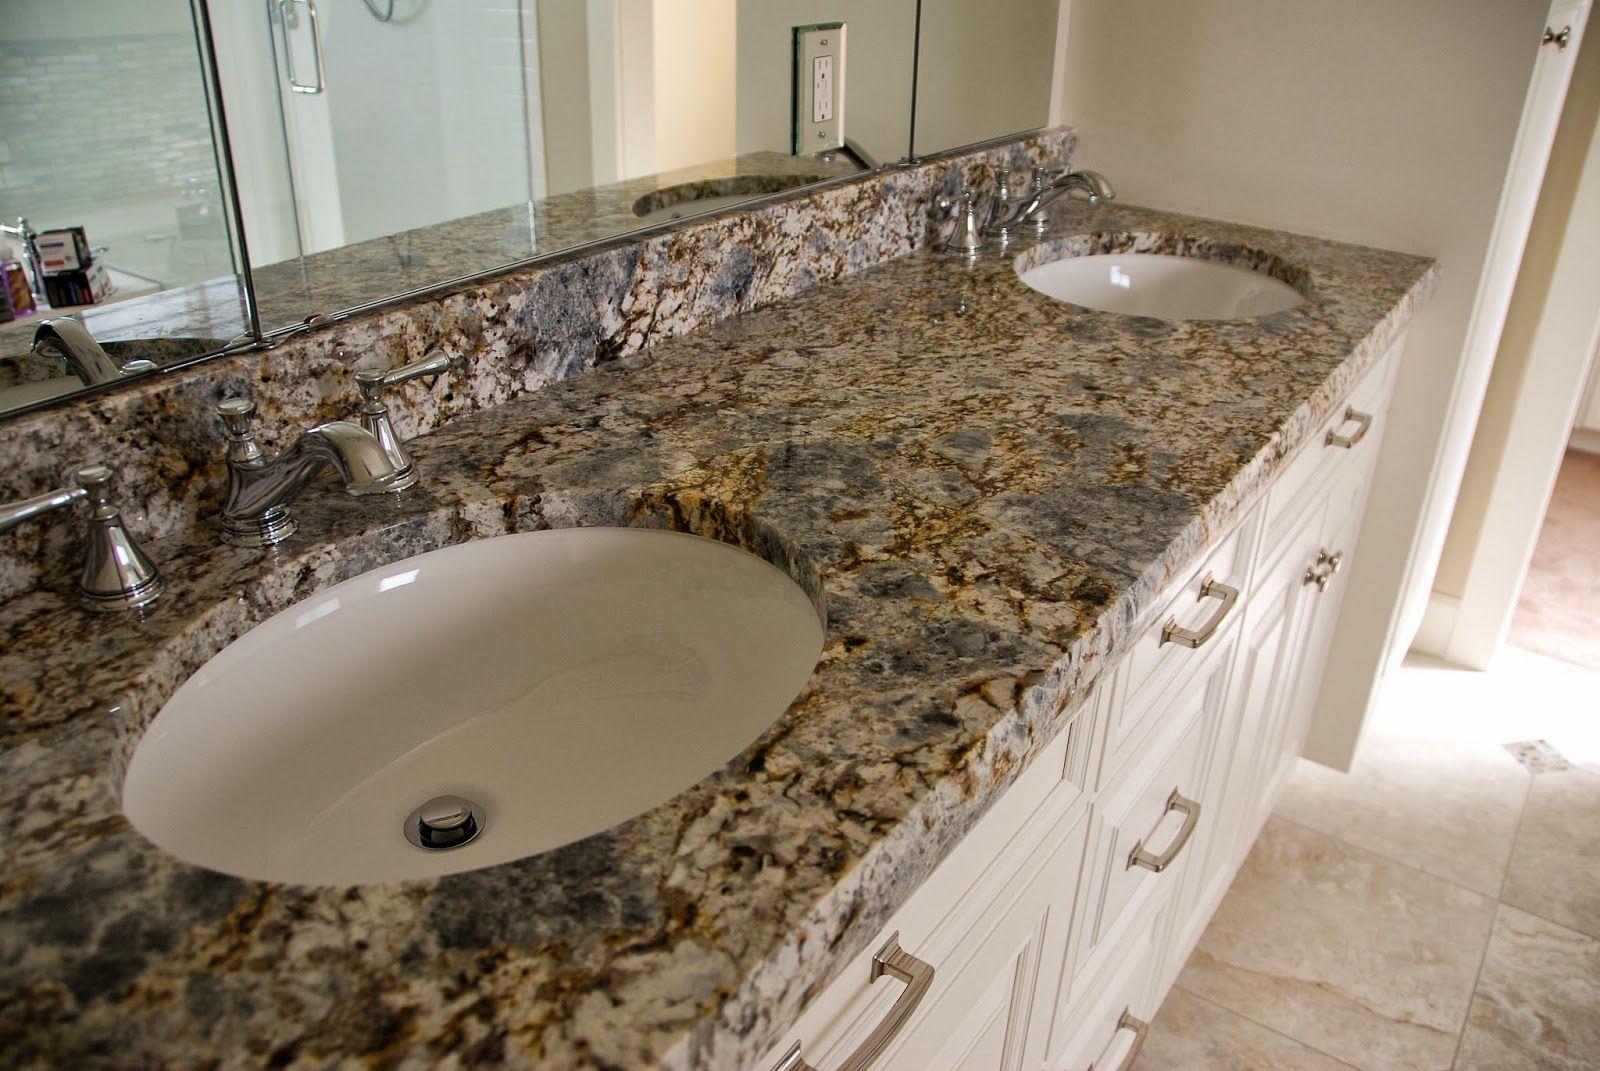 Bathroom Sinks Oval With Cabimet Google Search Kitchen Sink Design Sink Design White Undermount Kitchen Sink